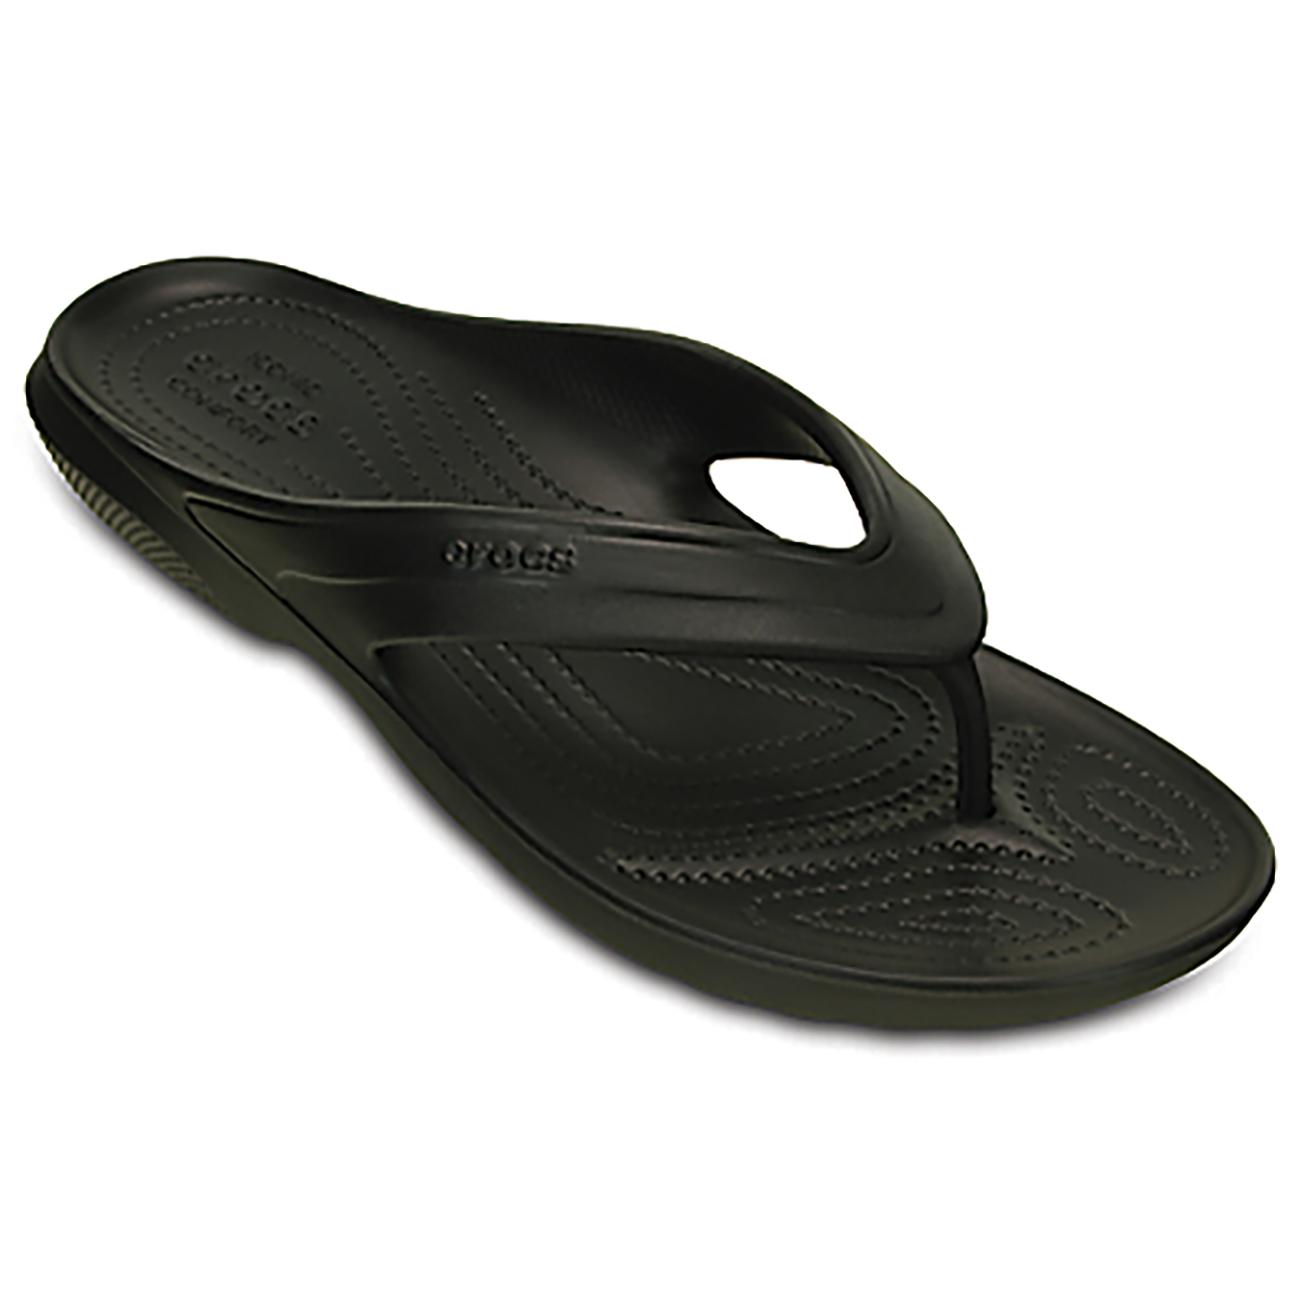 Unisex Adults Crocs Classic Flip